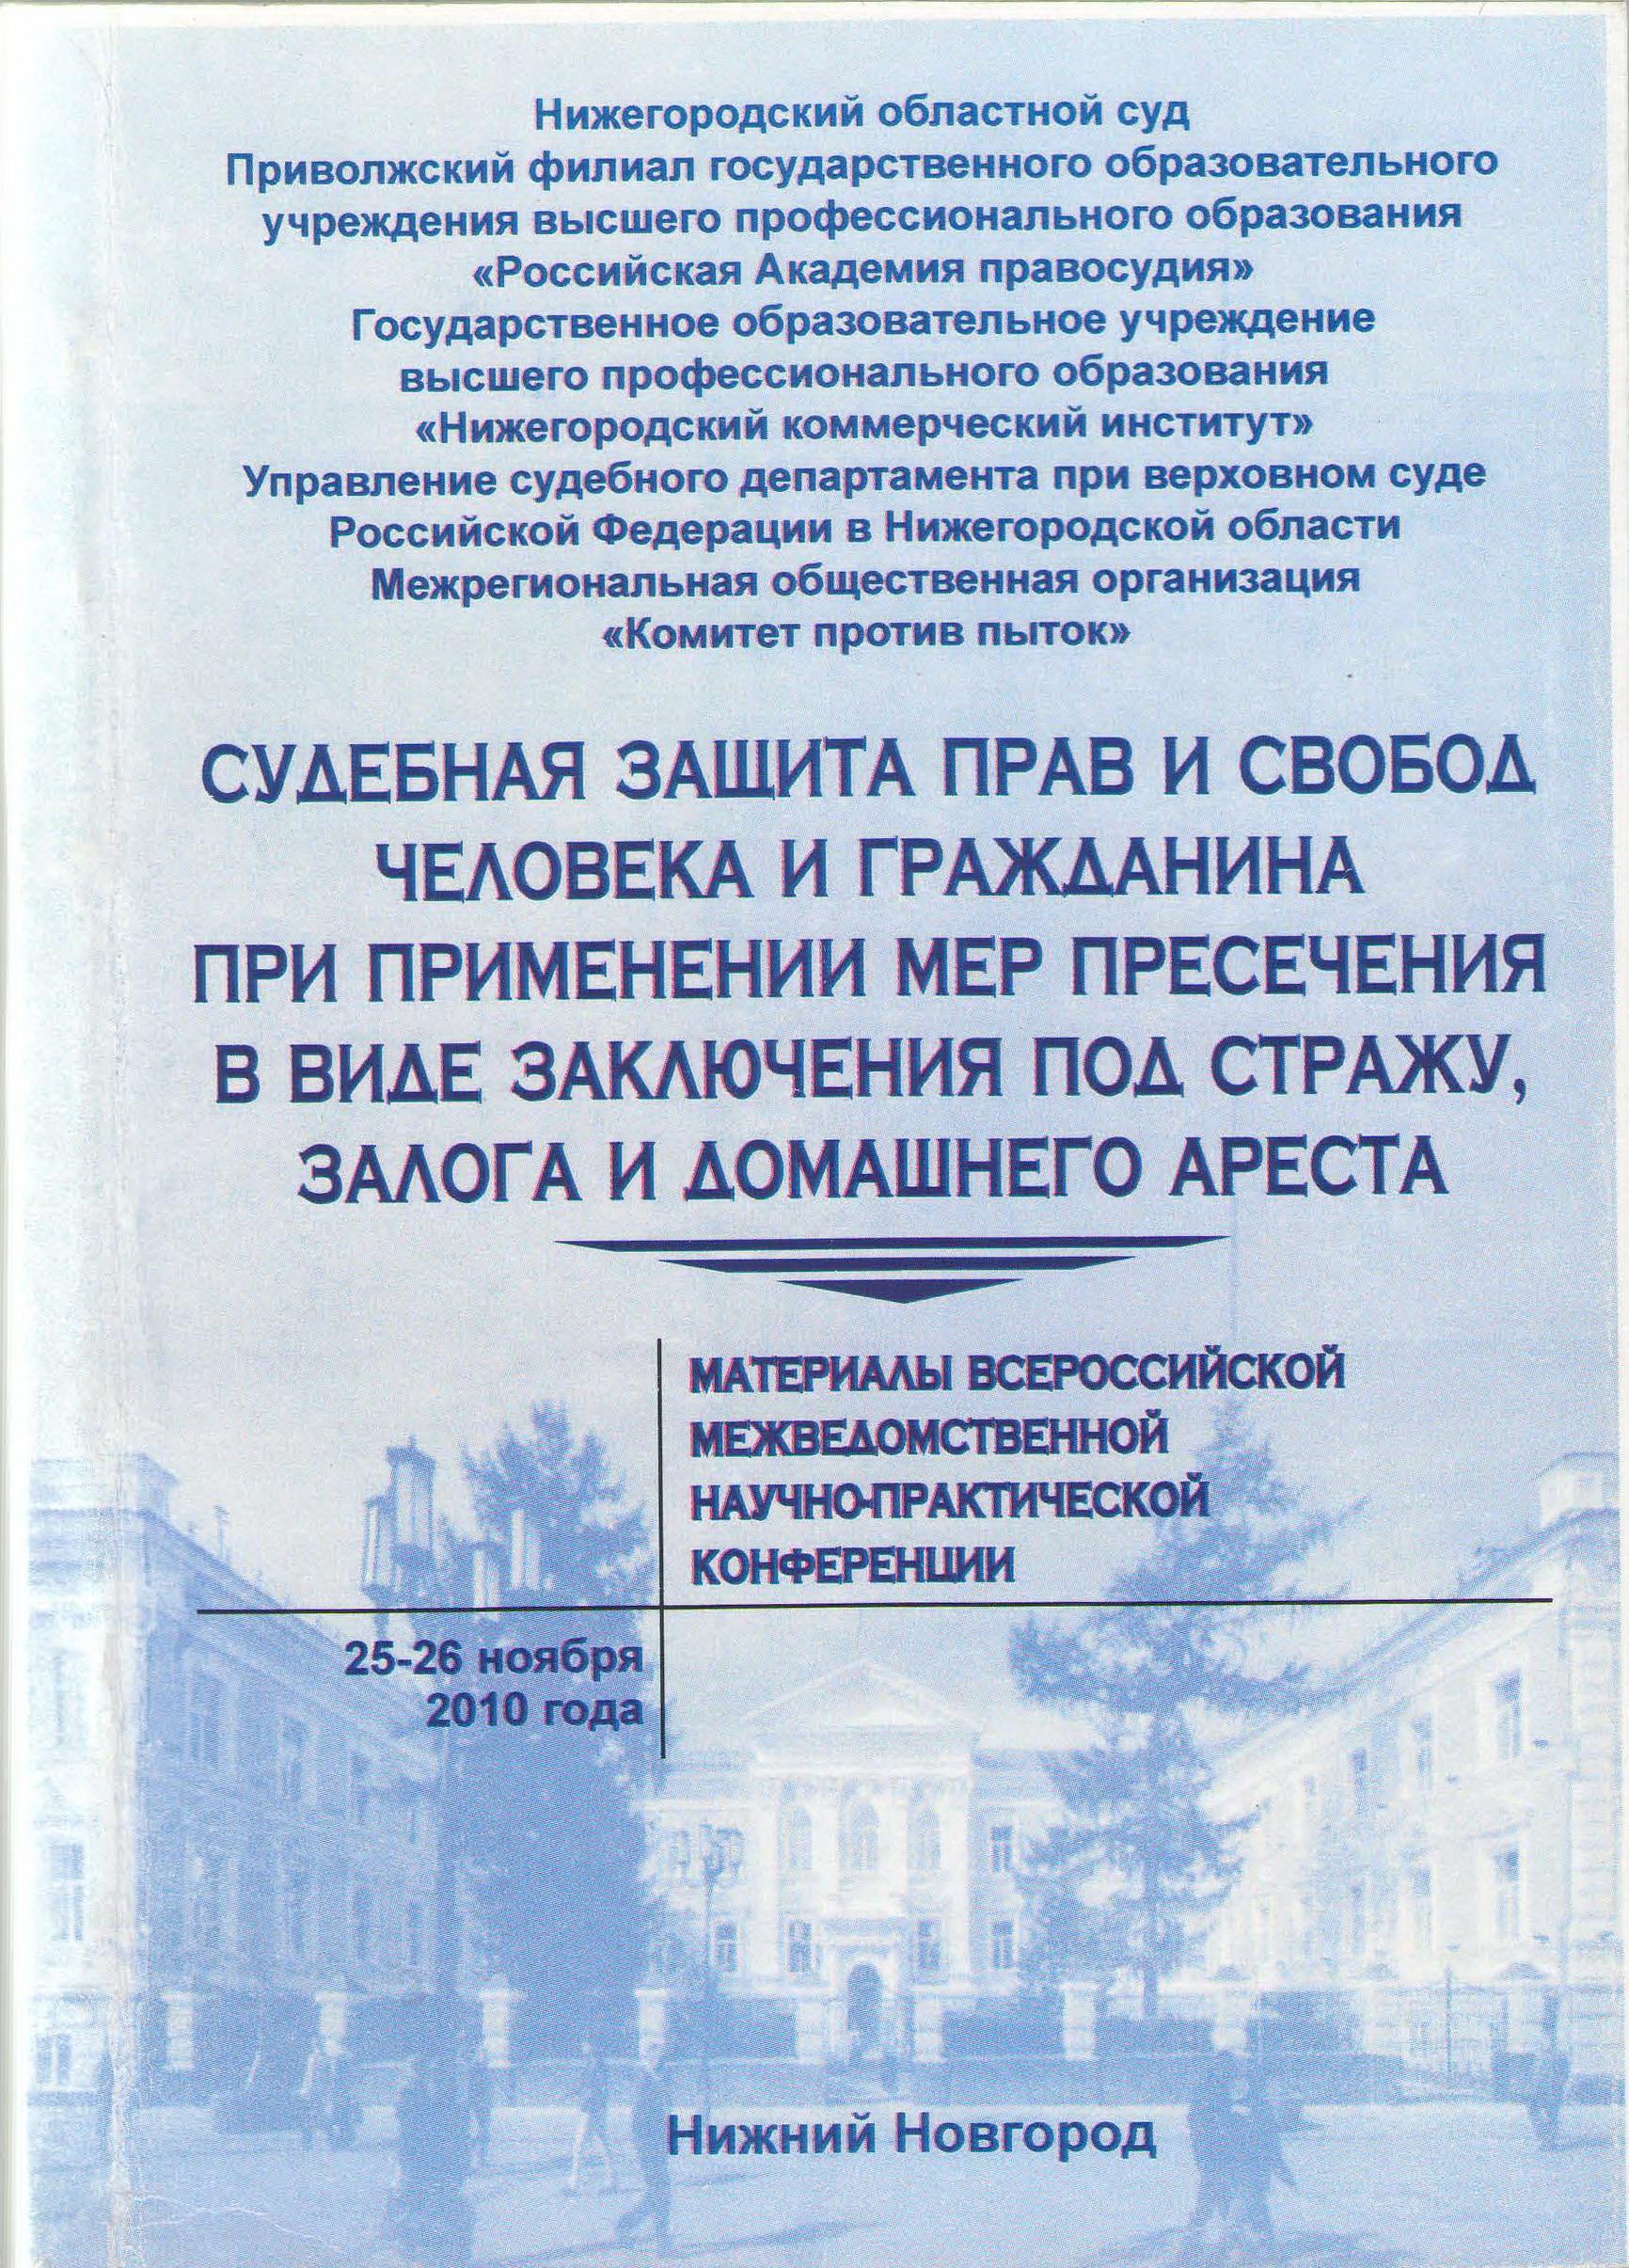 Оперативный судебный контроль в уголовном судопроизводстве России: состоялась ли конституционная по сути гаратия